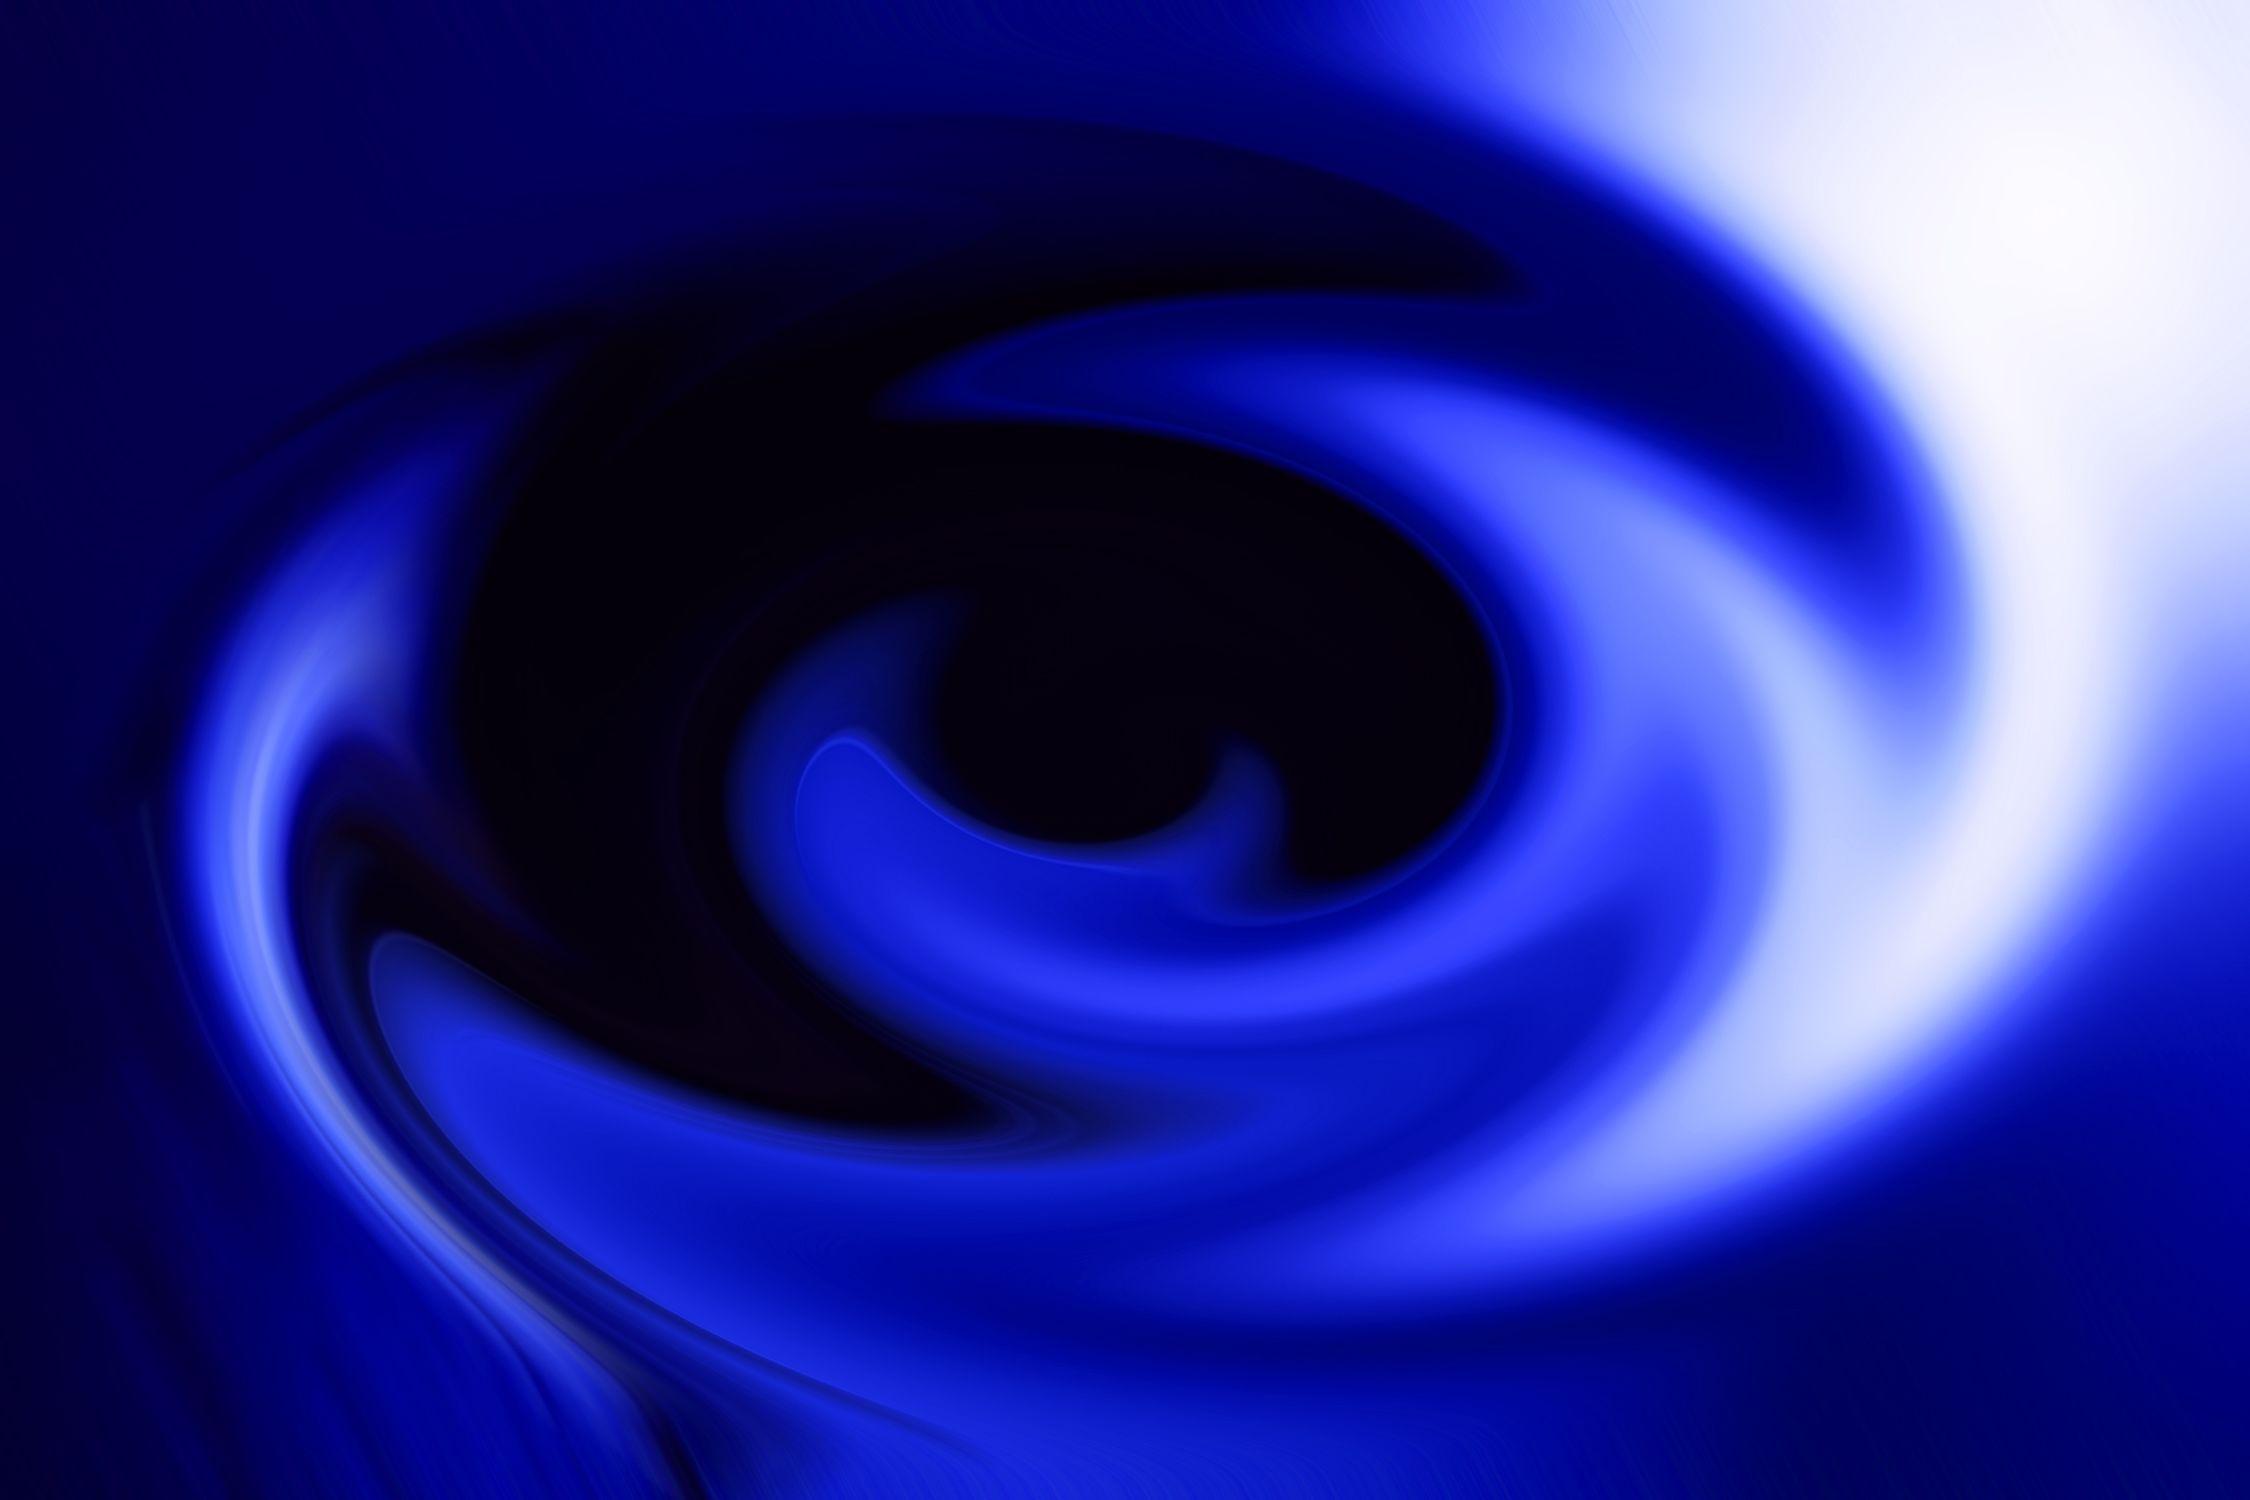 Bild mit Farben, Gegenstände, Kunst, Natur, Elemente, Wasser, Himmel, Lila, Blau, Kobaltblau, Figuren und Formen, Spiralen, Azurblau